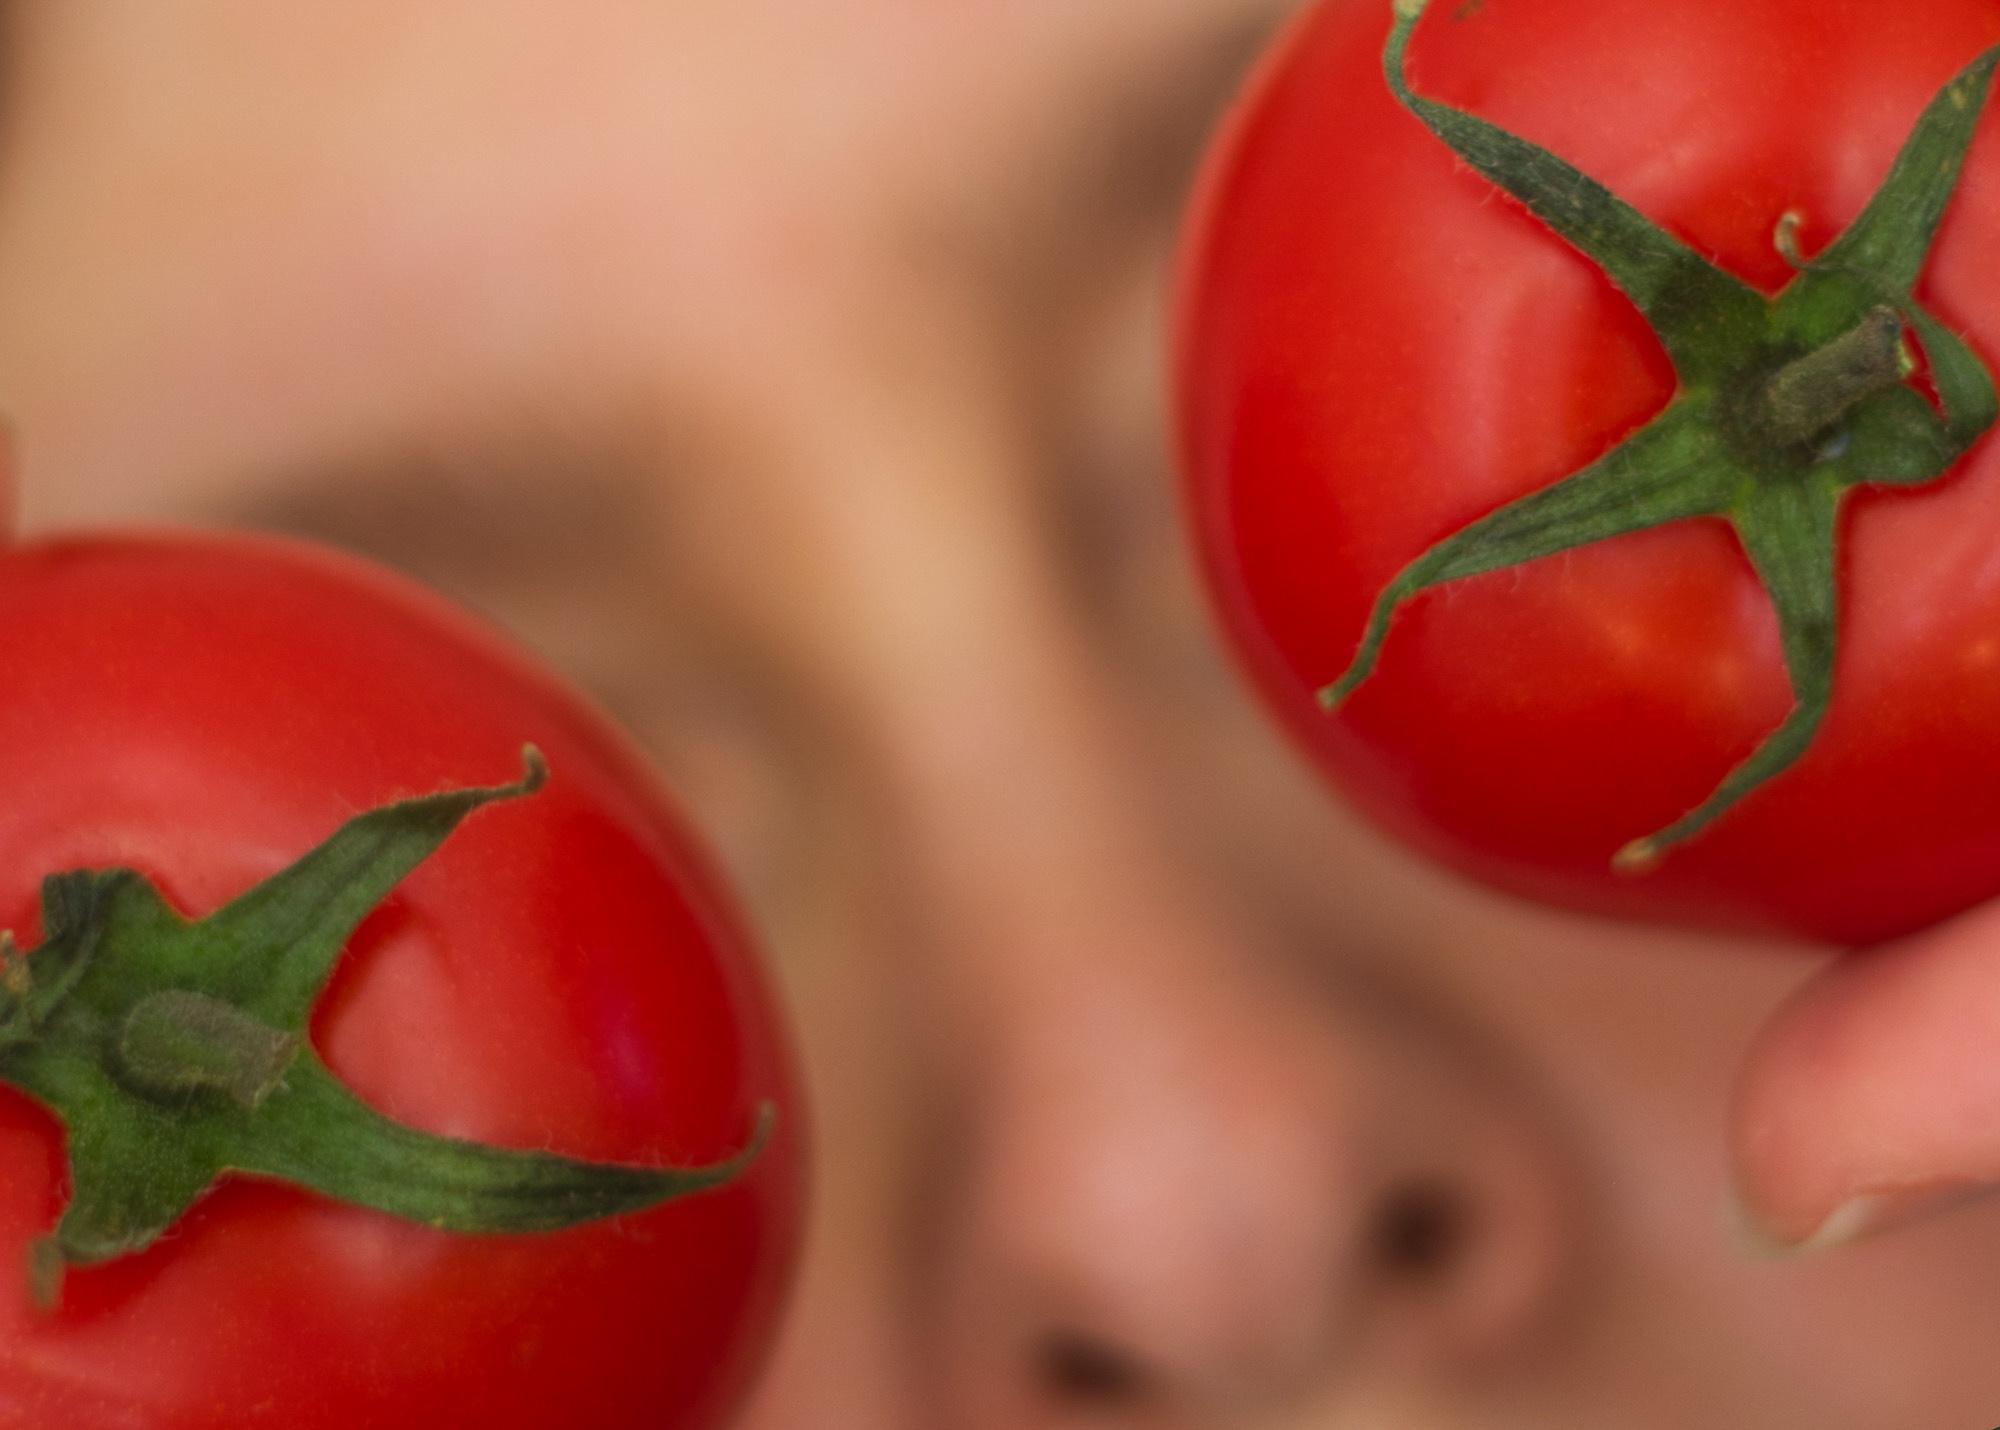 Da hab ich wohl Tomaten auf den Augen